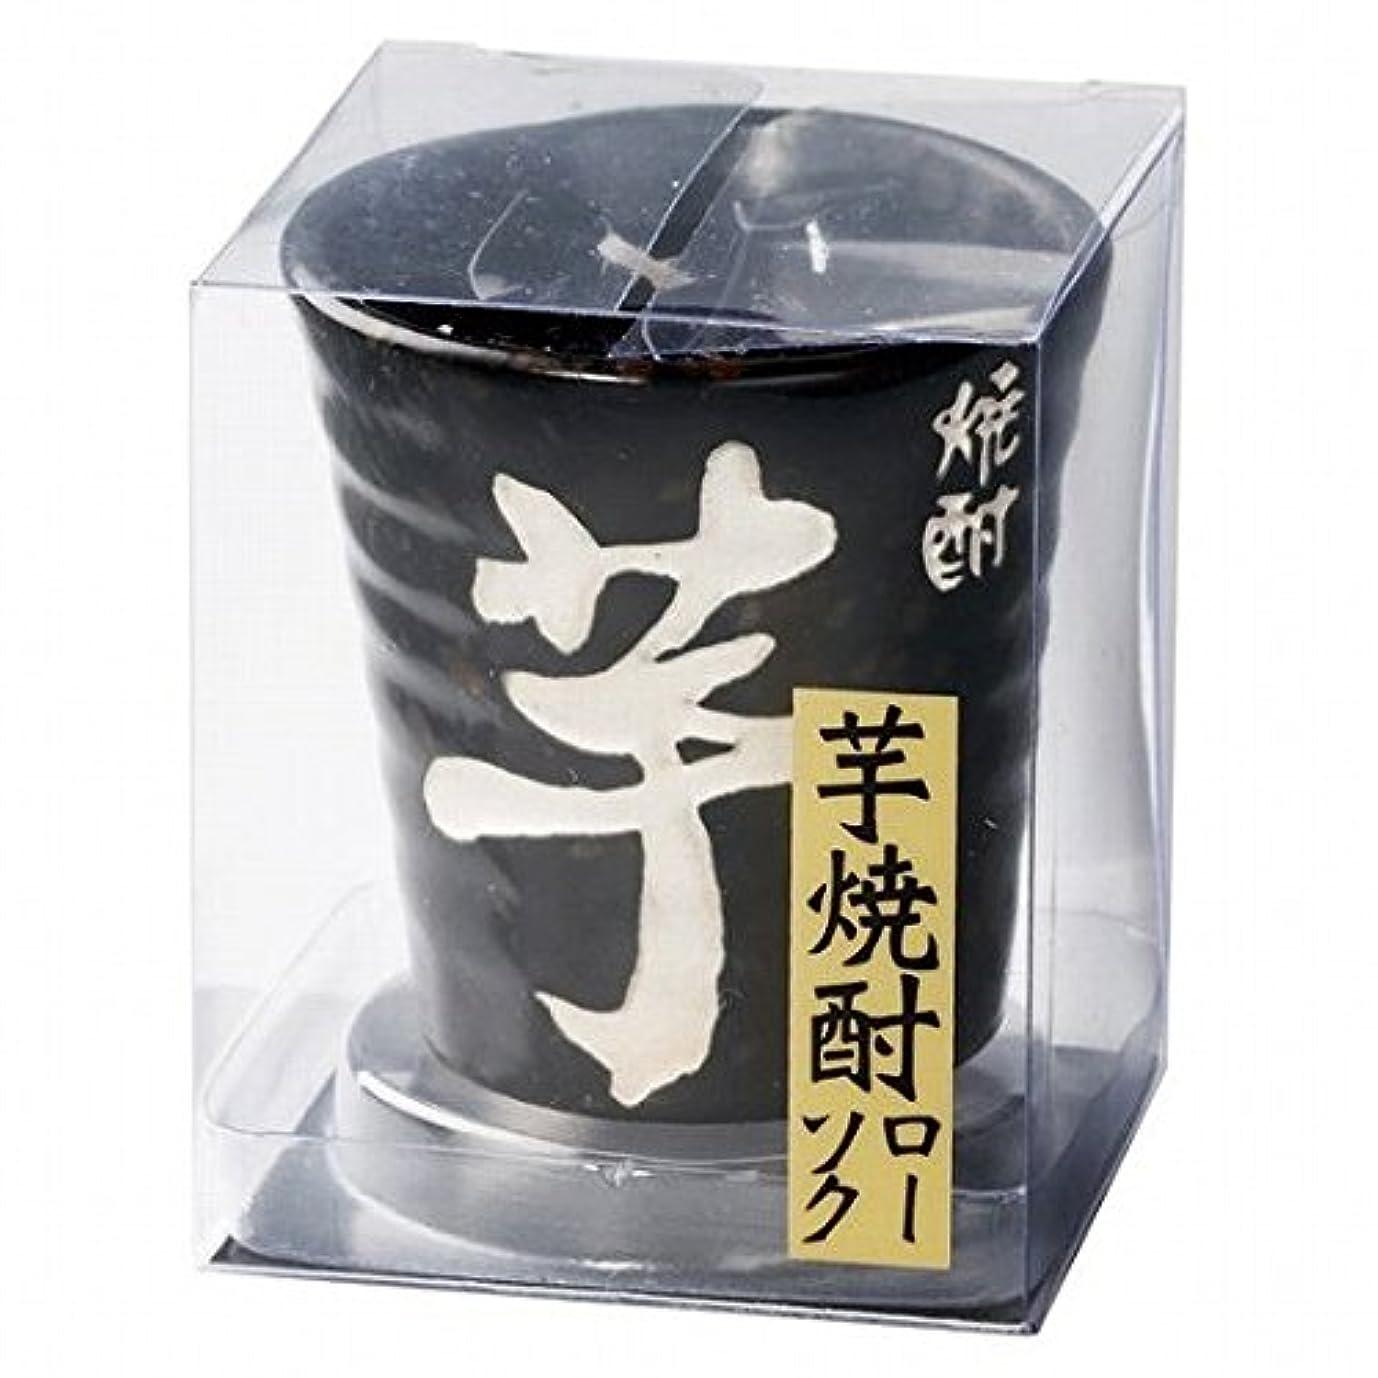 熟読する入植者kameyama candle(カメヤマキャンドル) 芋焼酎ローソク キャンドル(86500000)